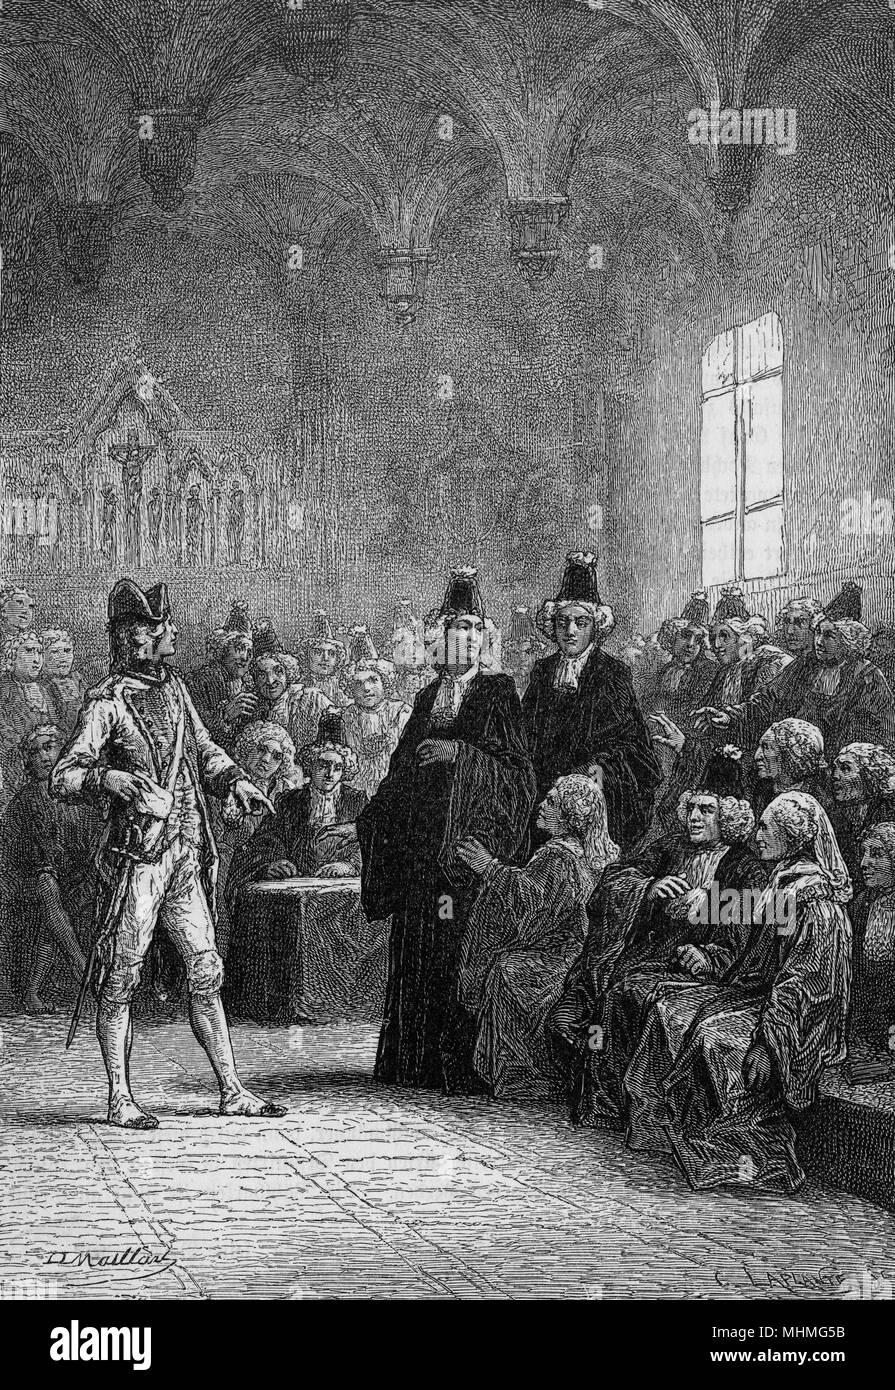 L'apertura degli stati, Versailles durante la Rivoluzione Francese Data: 5  maggio 1789 Foto stock - Alamy